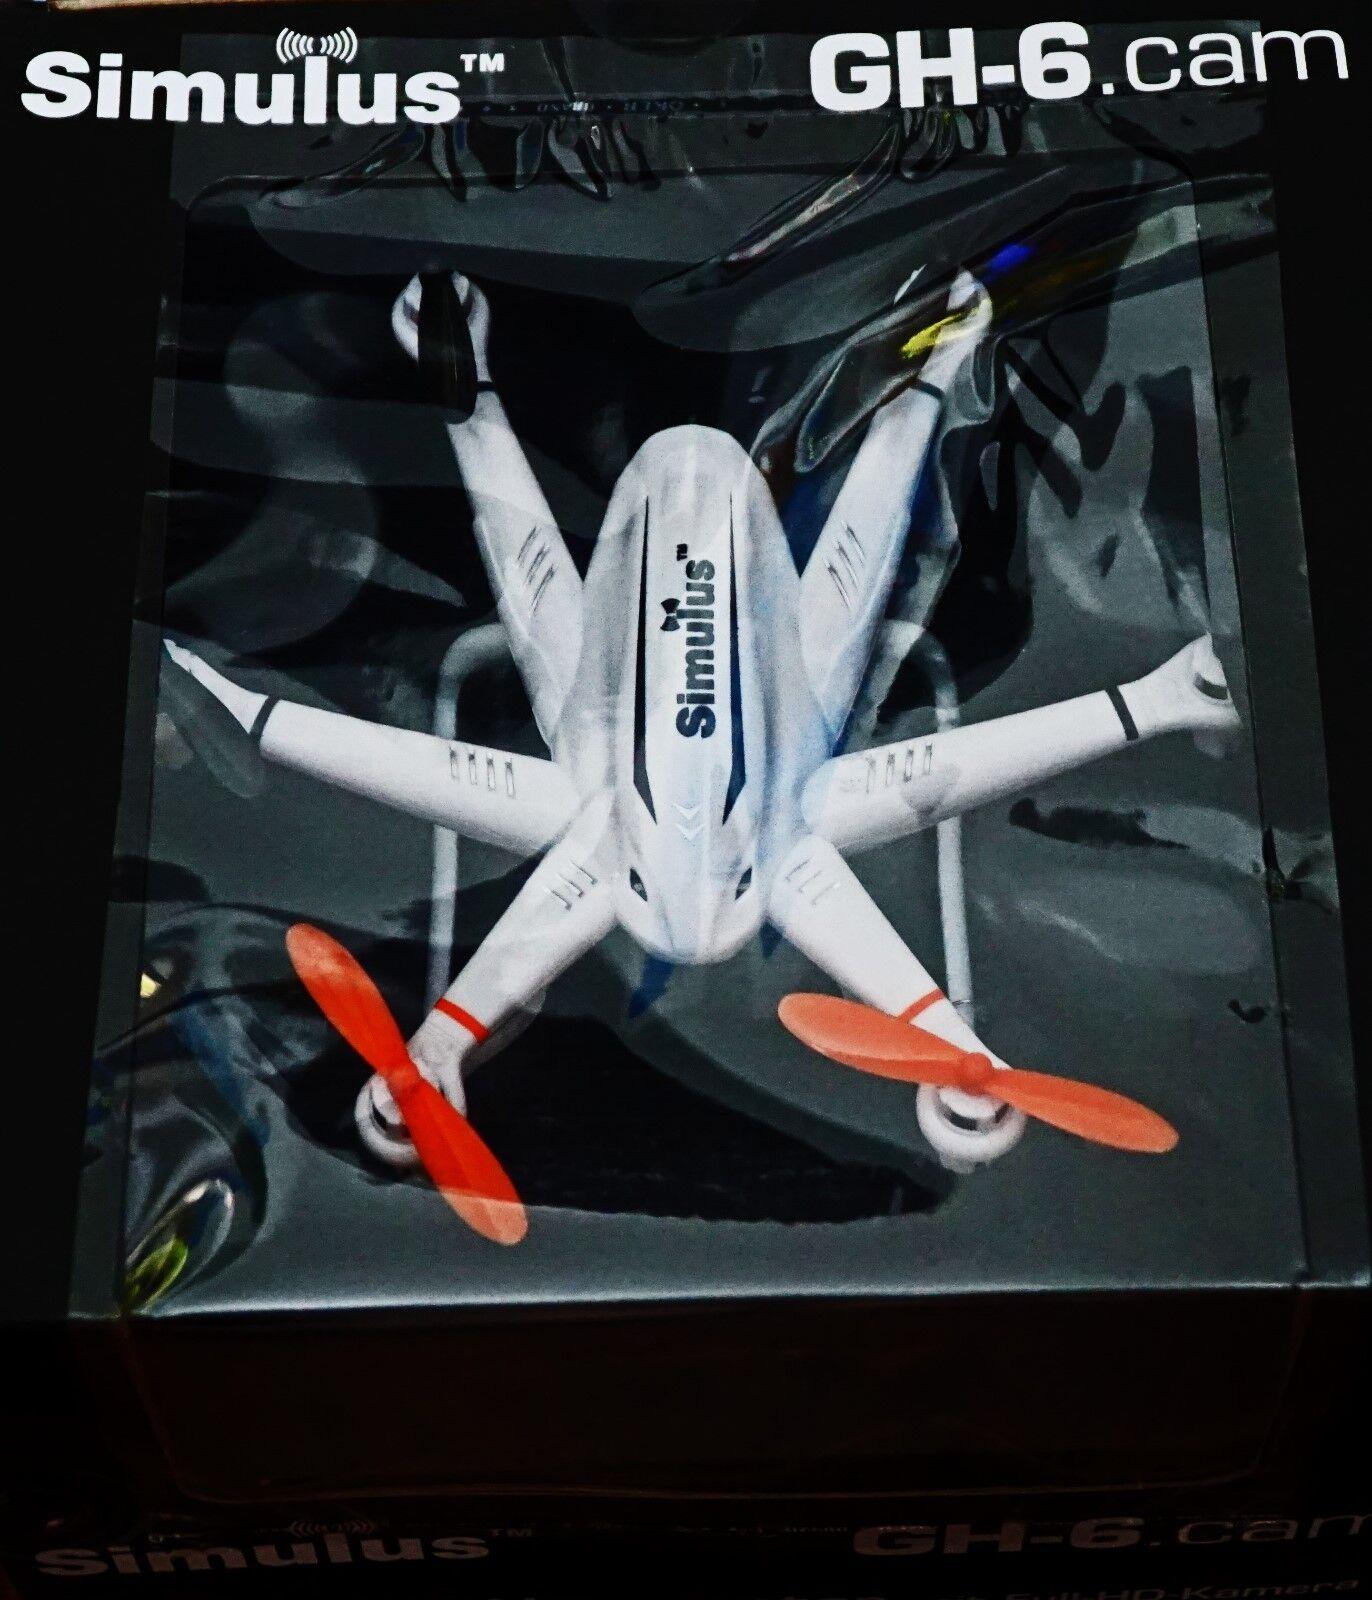 Drone  Kompakter Profi-Hexacopter GH-6.cam mit 720p-HD-Kamera (Hexakopter)